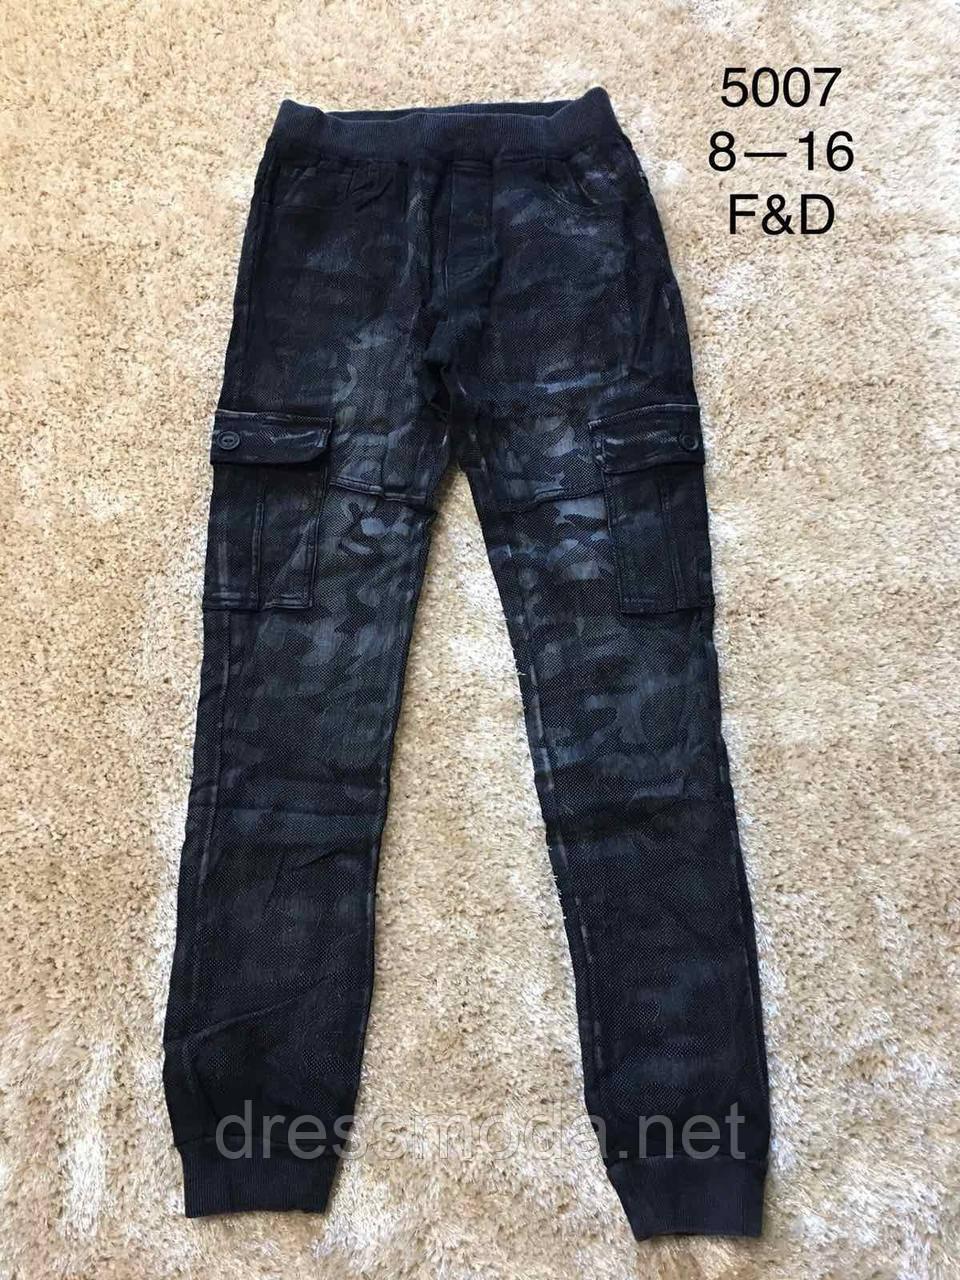 Брюки под джинс для мальчиков F&D 8-16лет